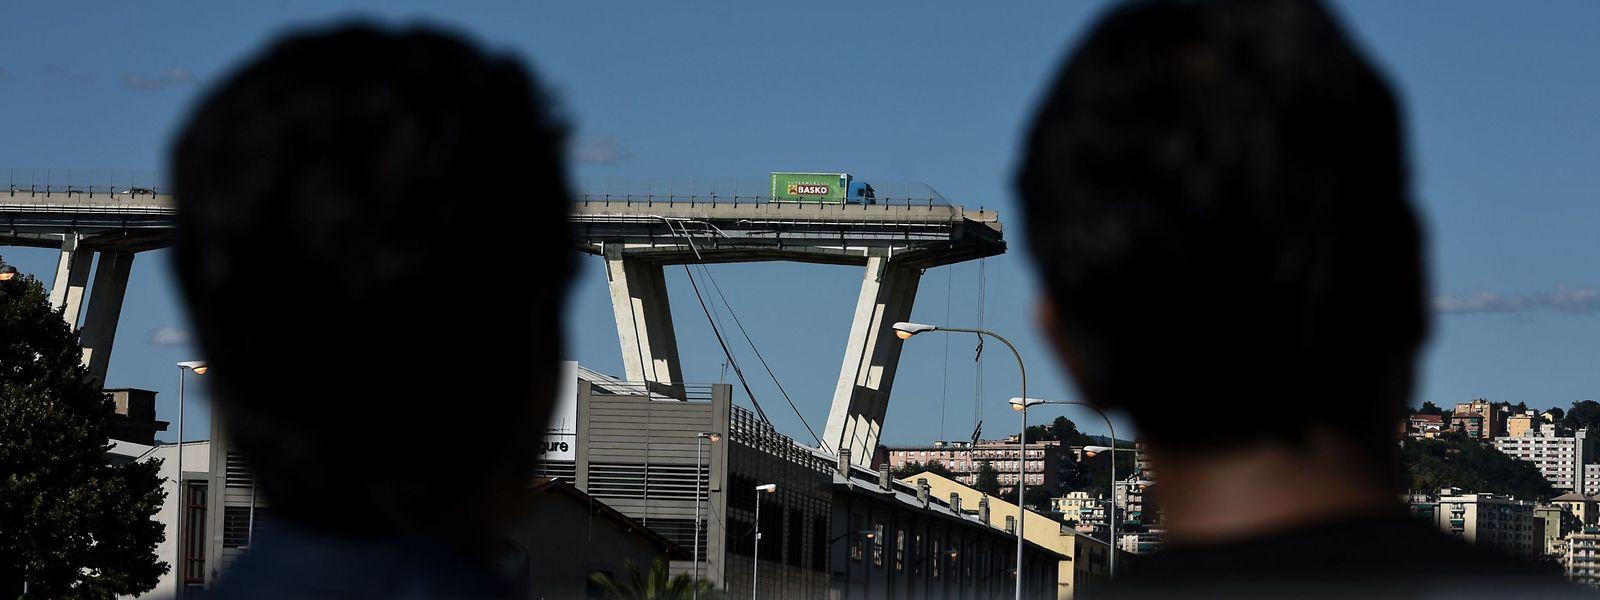 Le viaduc autoroutier, ou pont Morandi, qui s'est partiellement effondré le mardi 14 août.